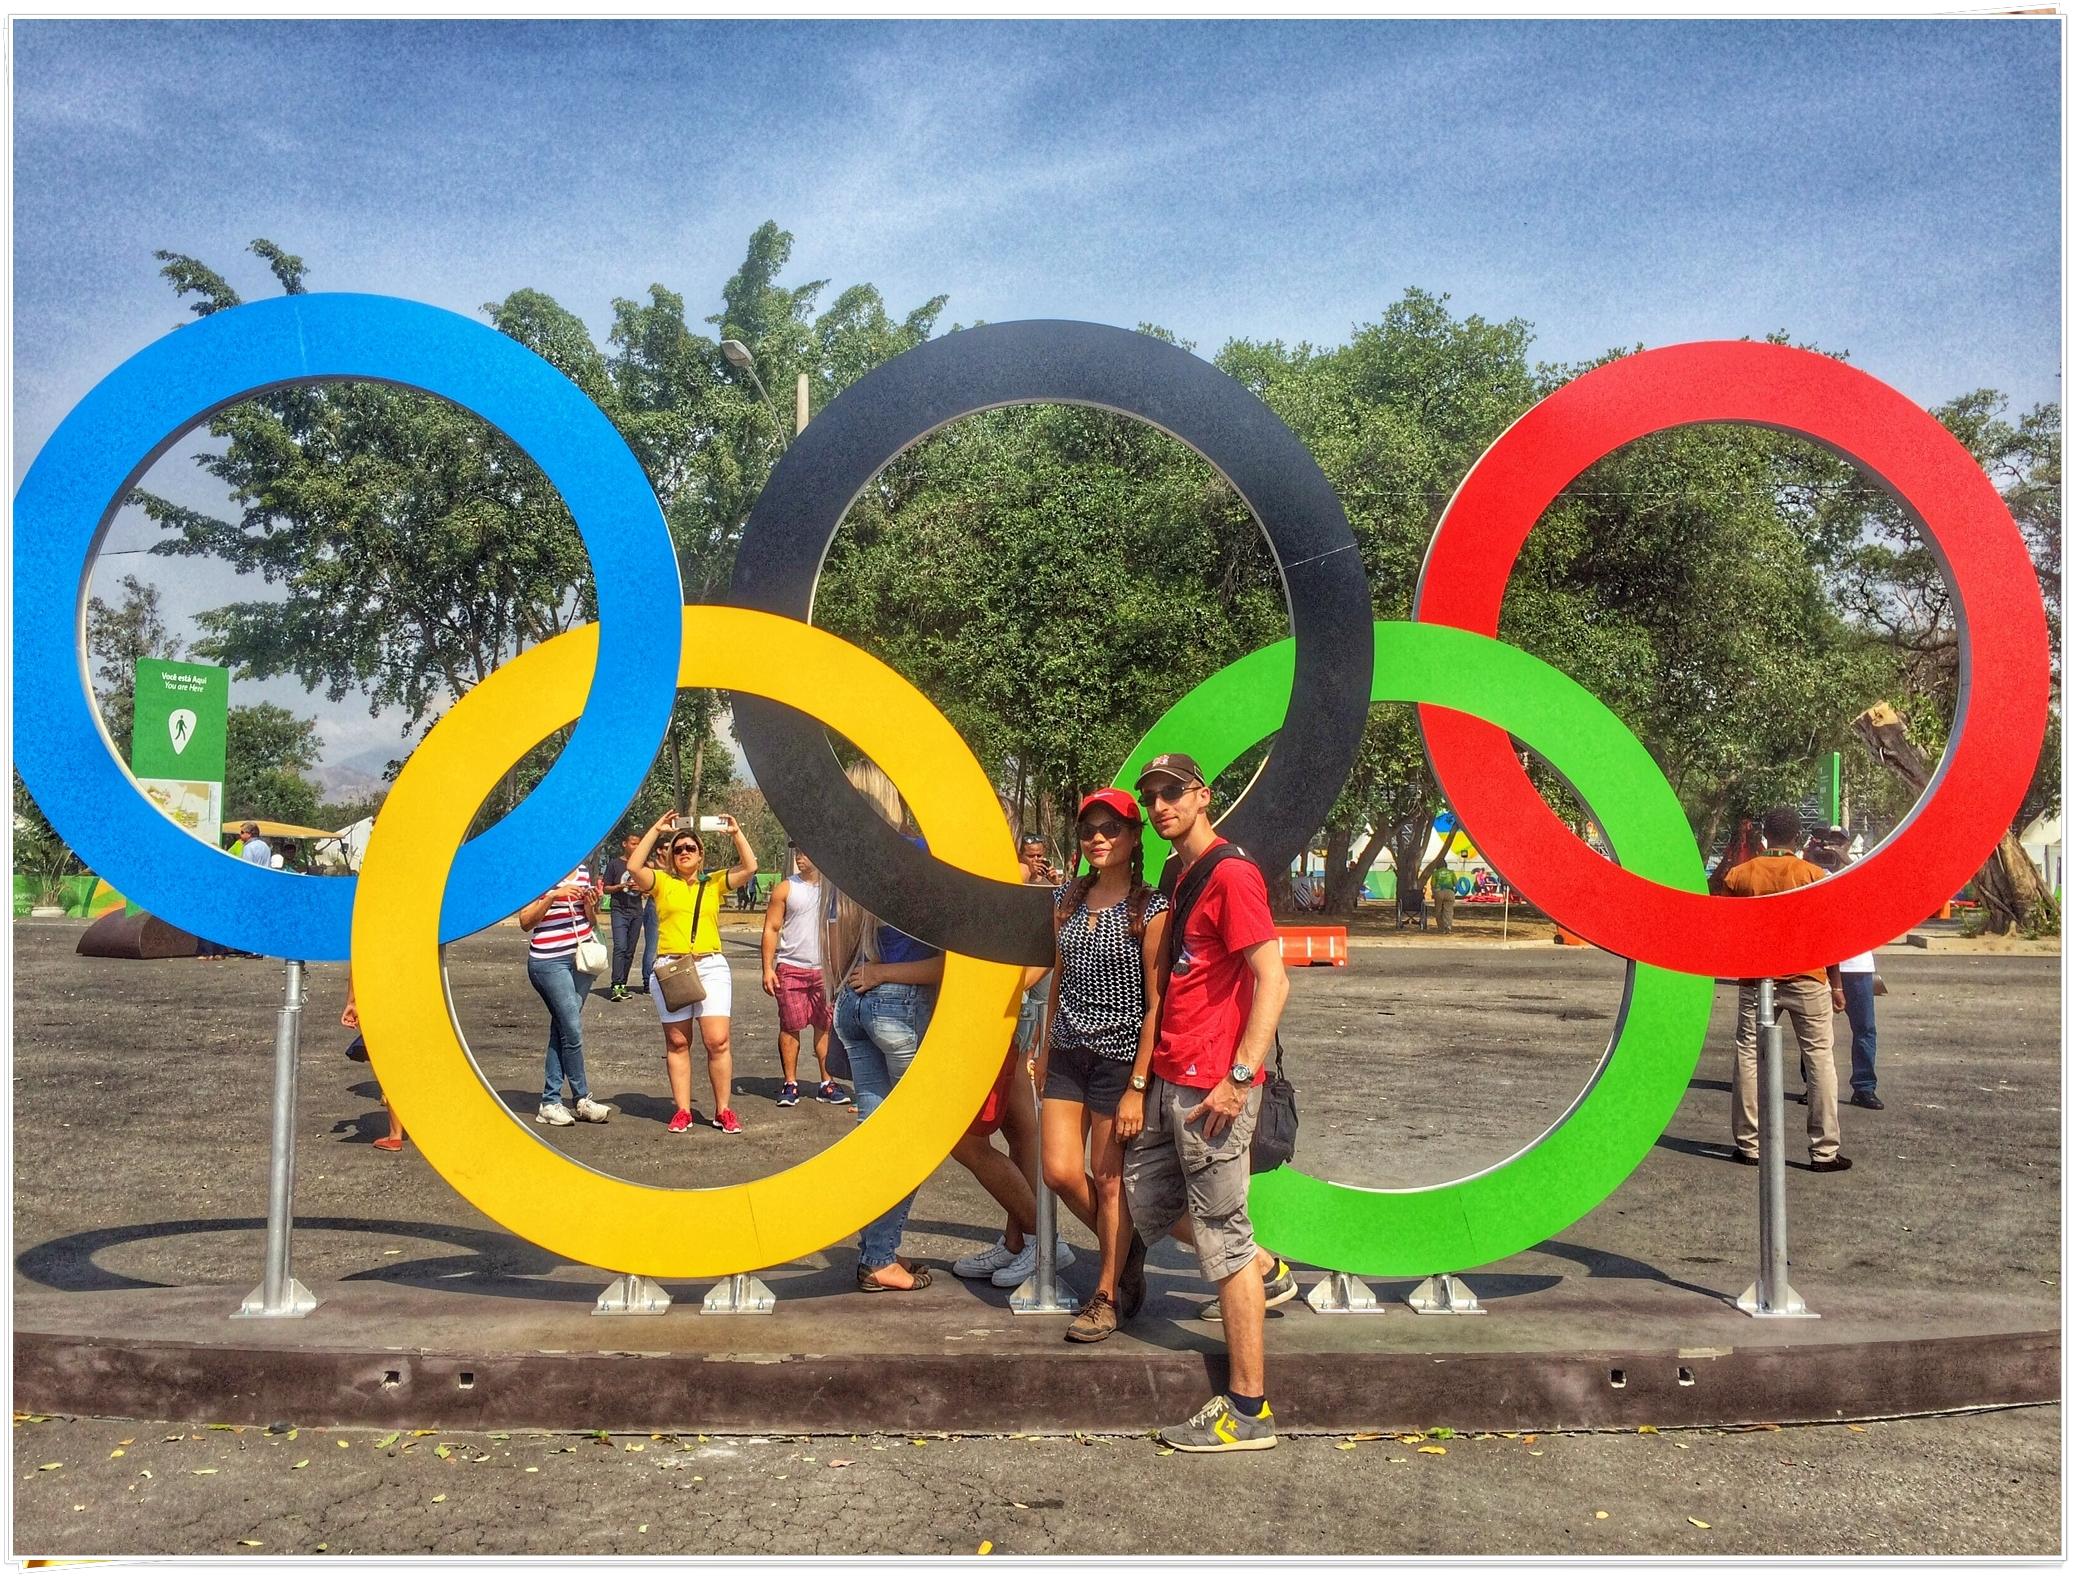 2016 Rio de Janeiro (Deodoro Olympic Park)